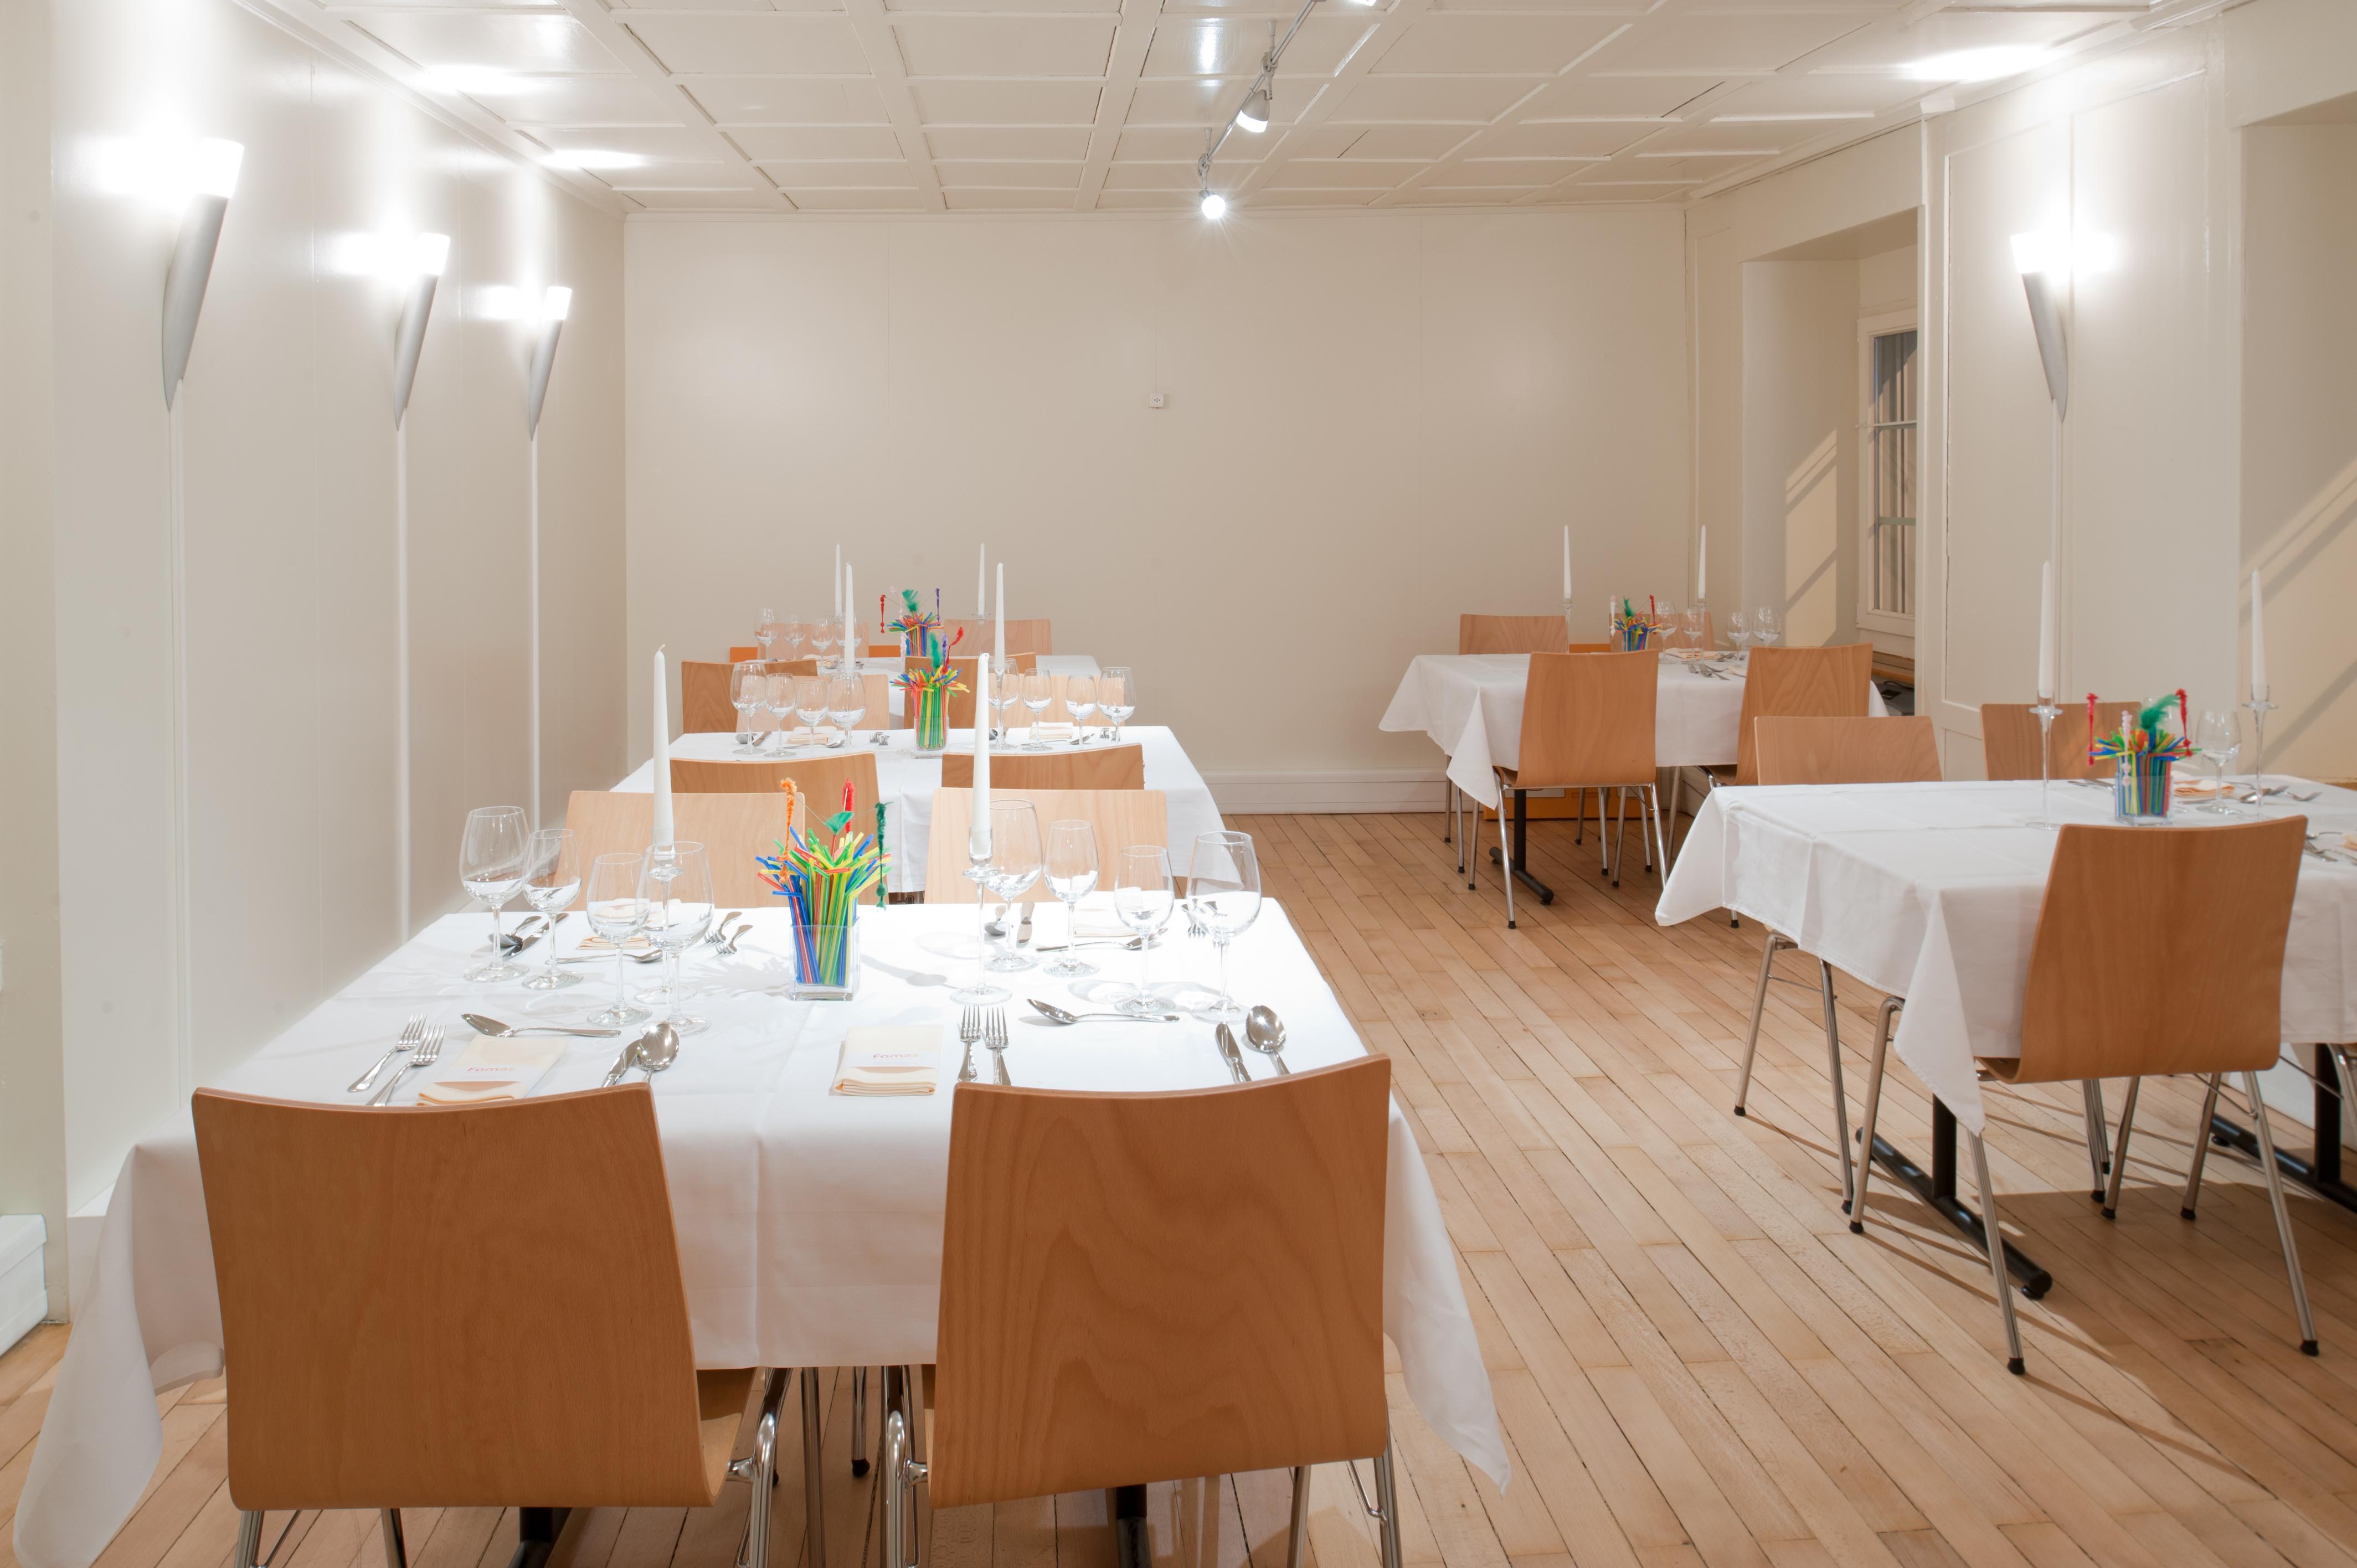 Fomaz in Altdorf - Ausgezeichnete Restaurants, Bars, Take-Aways ...